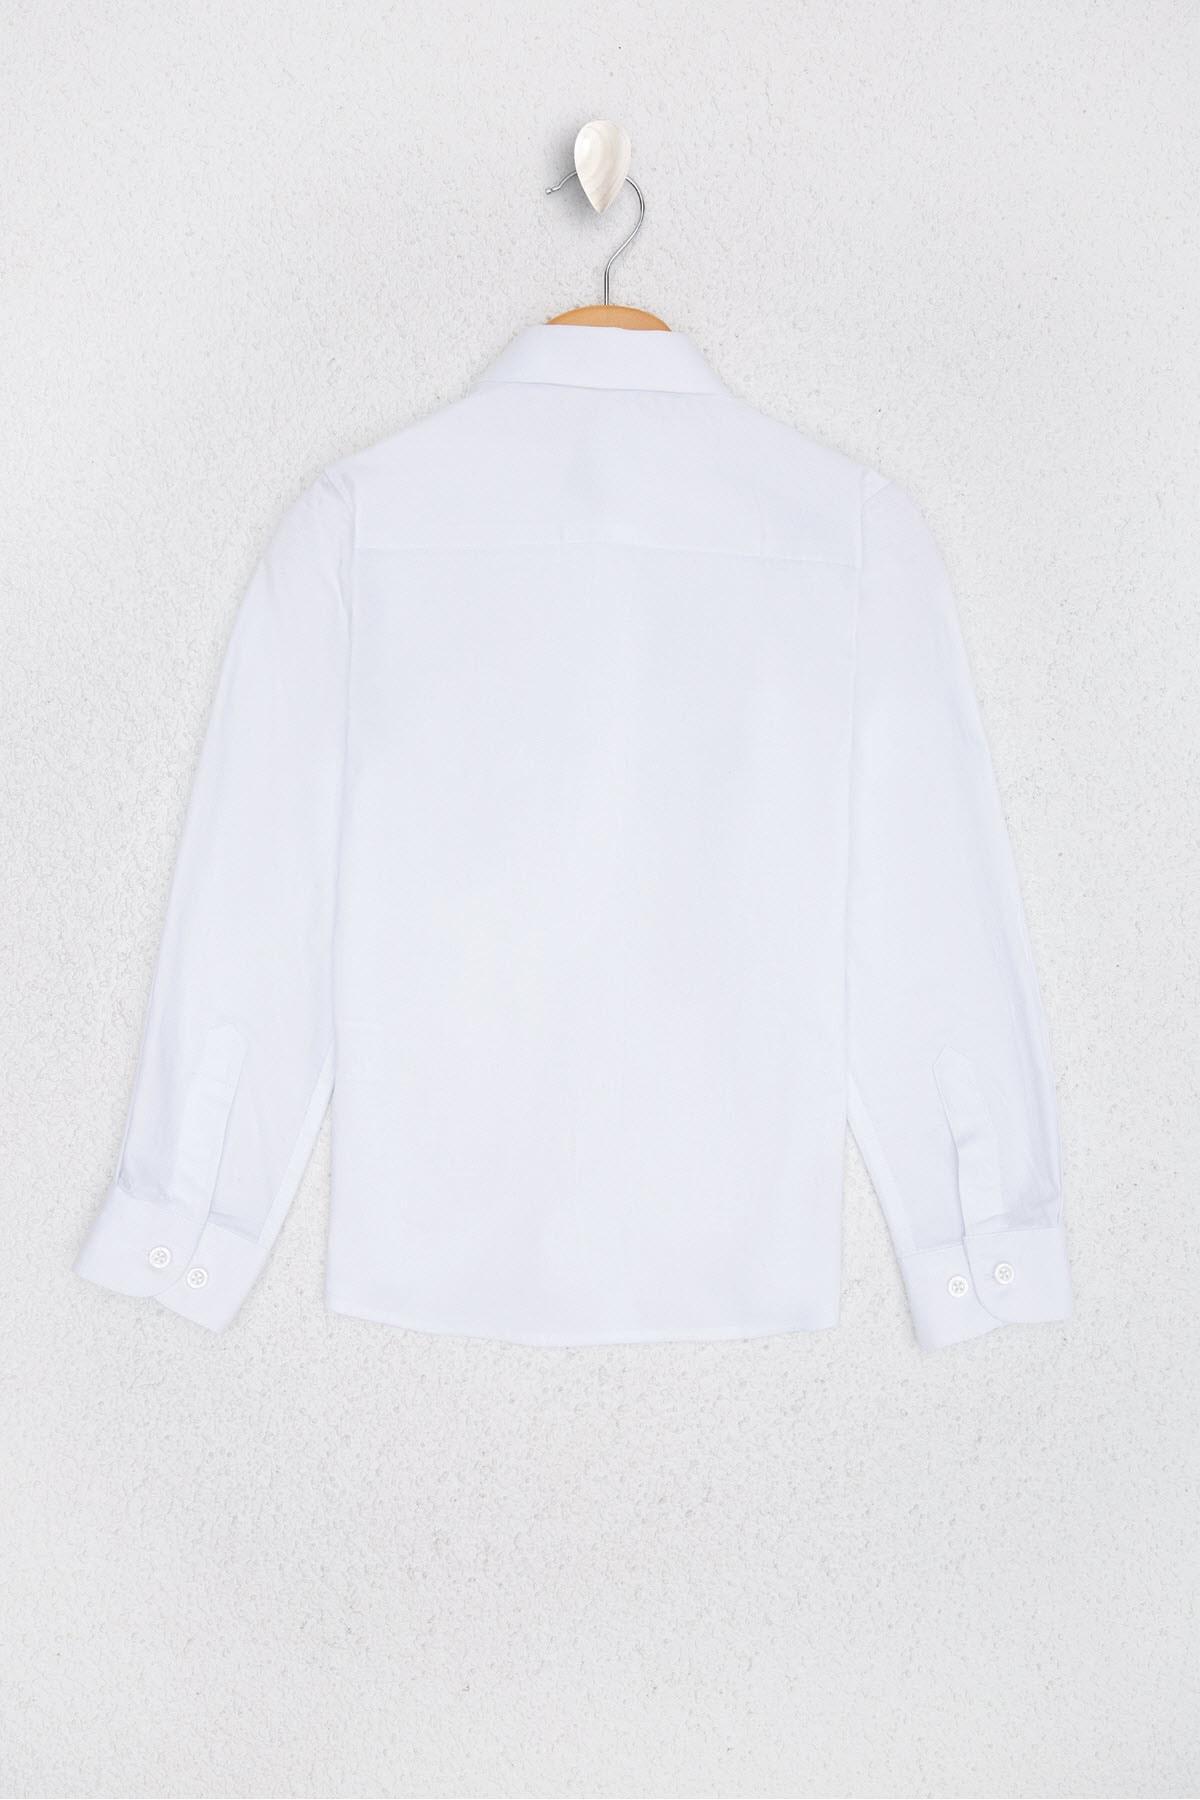 U.S. Polo Assn. Beyaz Kız Çocuk Dokuma Gömlek 2